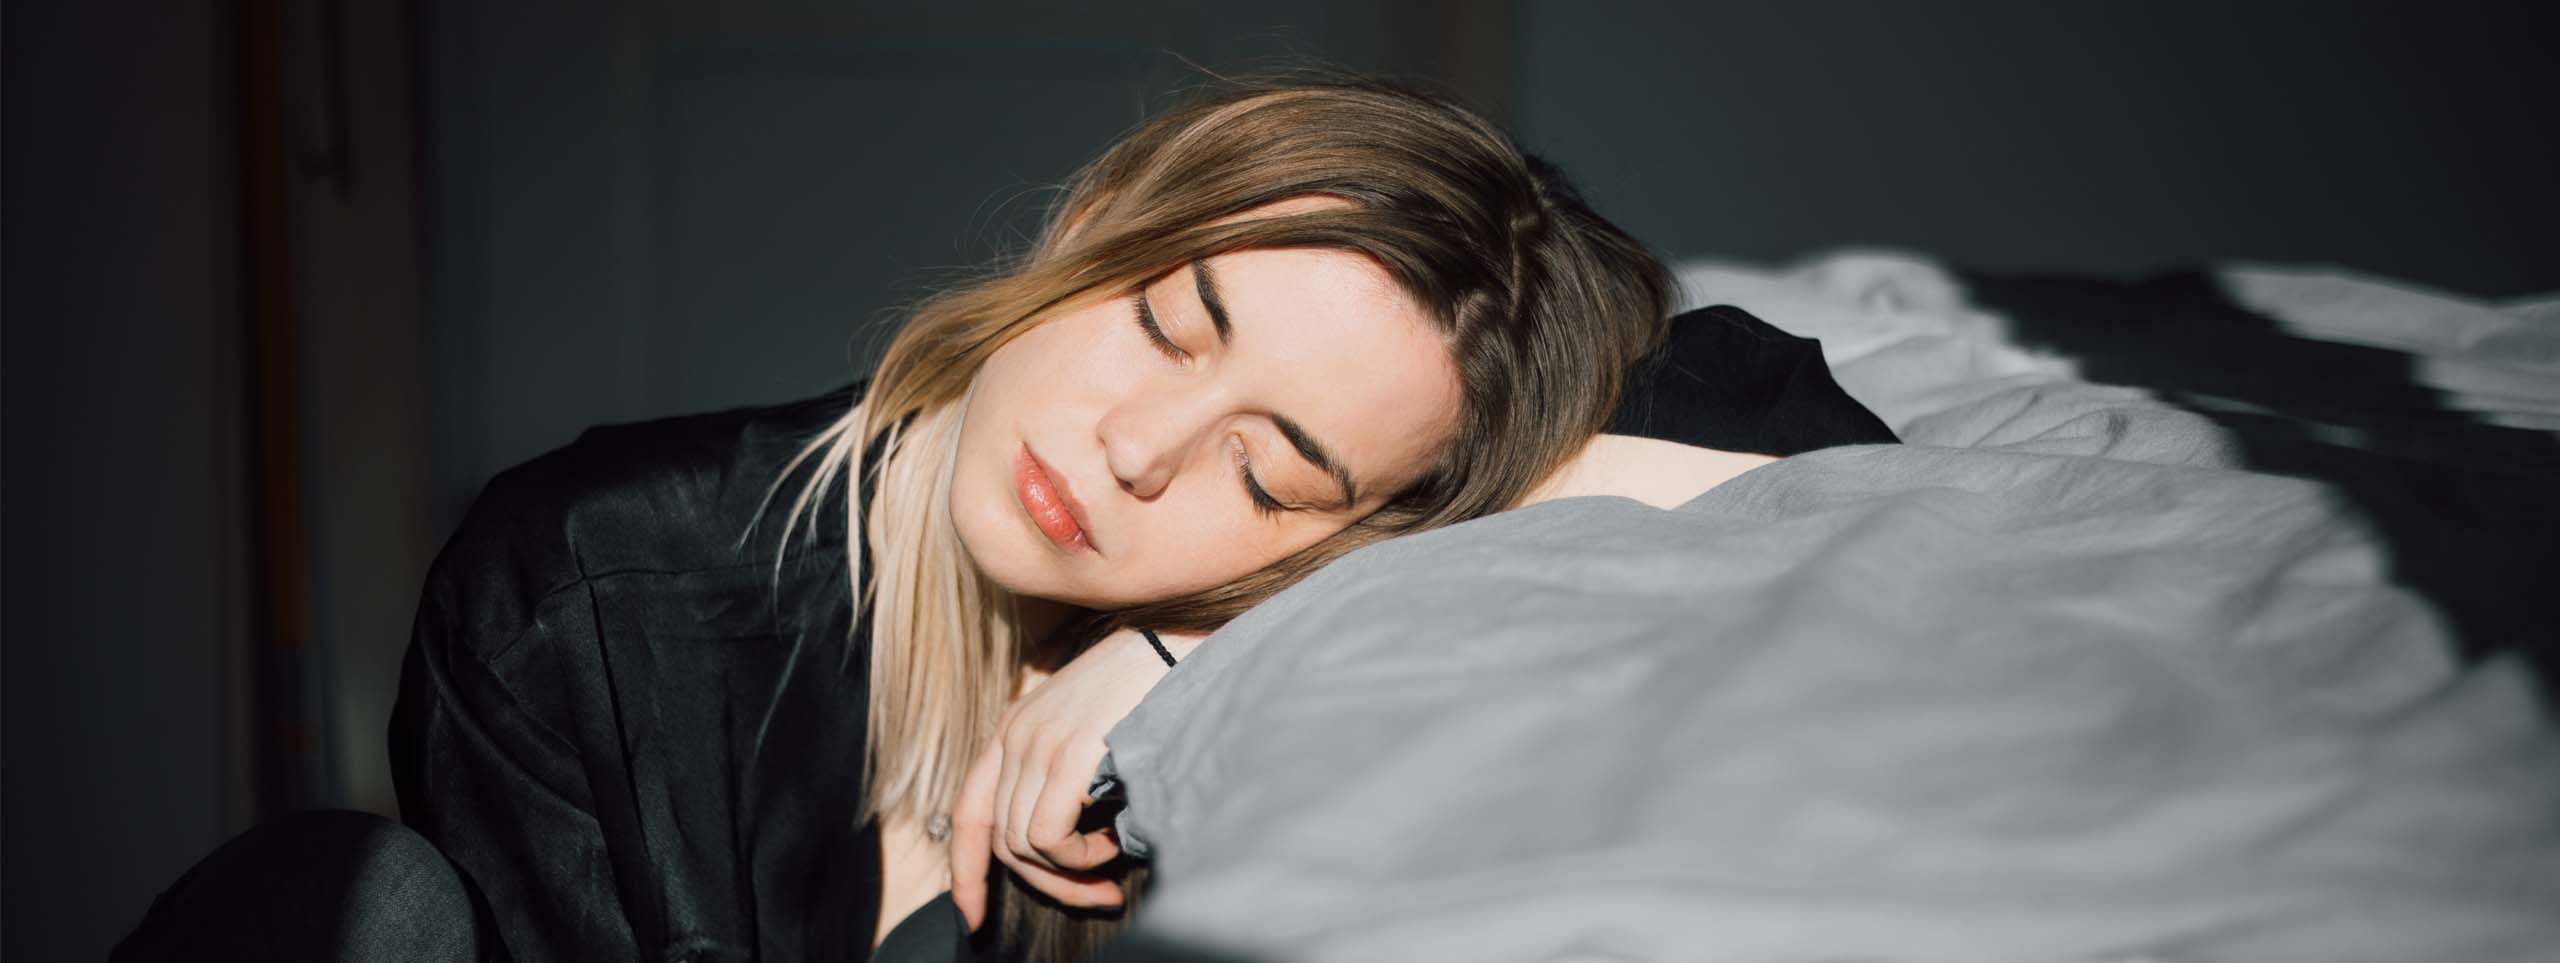 Mlada žena sa cik-cak razdeljkom koja se odmara zatvorenih očiju na svojoj ruci